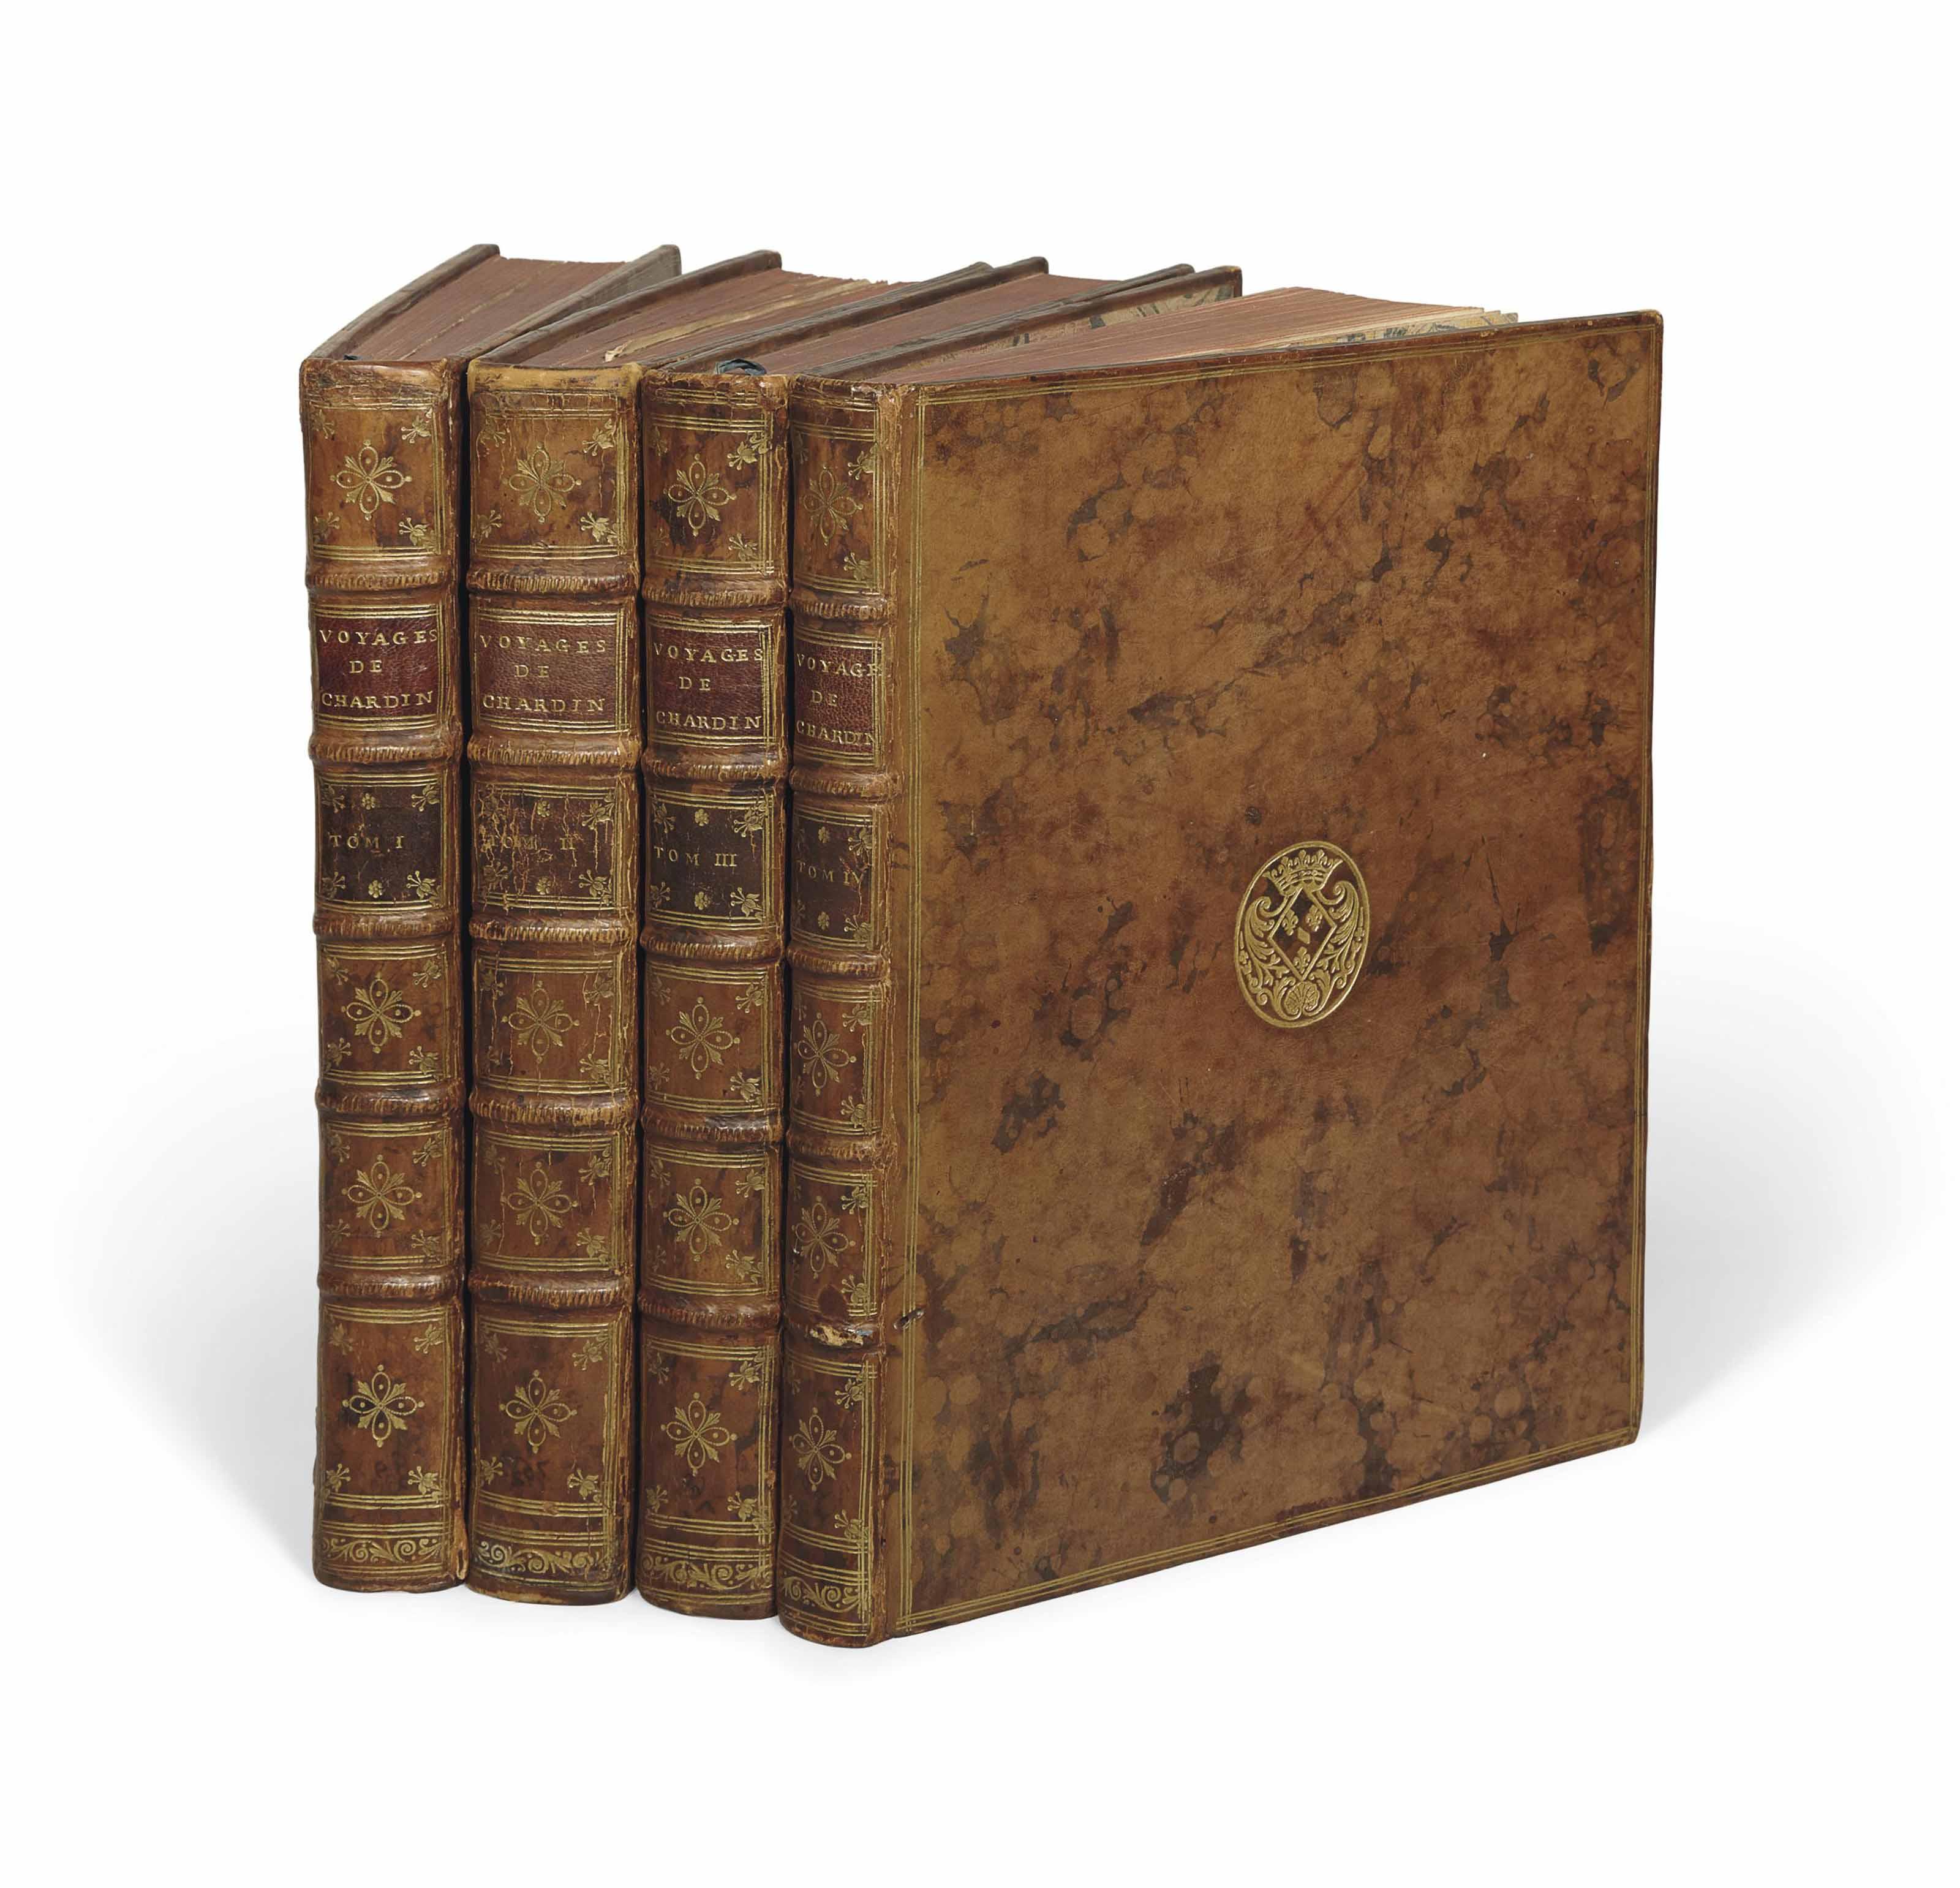 CHARDIN, Jean (1643-1713). Voyages en Perse, et autres lieux de l'Orient. Nouvelle édition, augmentée du couronnement de Soliman II. Amsterdam : La compagnie, 1735. 4 volumes in-4 (257 x 192 mm). 2 frontispices répétés (volumes I et III) avec le portrait de l'auteur par Tomassin, 78 planches gravées (numérotées de 1-79, le n° 78 est omis) dont une carte et des vues, planches de costumes, moeurs, etc., 5 vignettes. Reliure de l'époque, veau marbré de l'époque, armes de Louise-Anne de Bourbon-Condé (OHR 2630) frappées au centre des plats, triple filet doré en encadrement, dos à nerfs ornés.